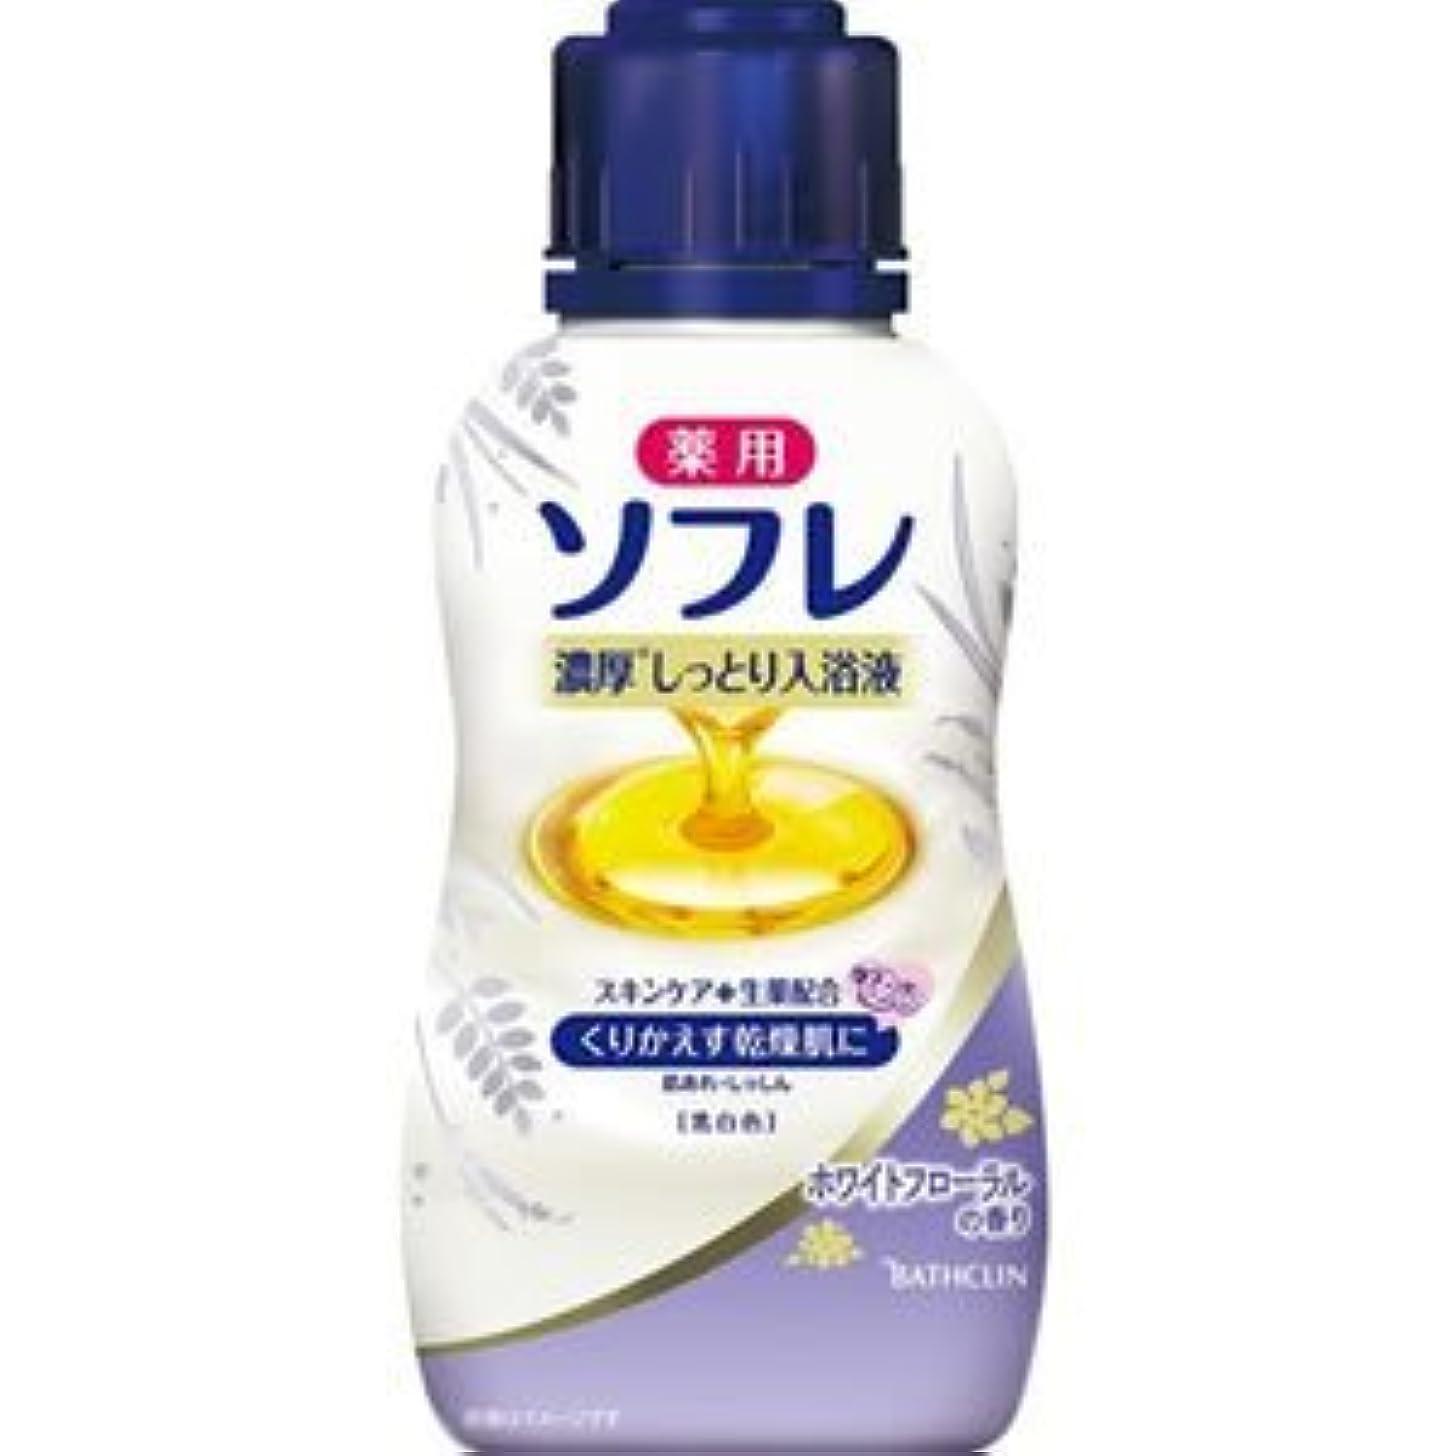 テラスノイズ小数(バスクリン)薬用ソフレ 濃厚しっとり入浴液(ホワイトフローラルの香り)480ml(医薬部外品)